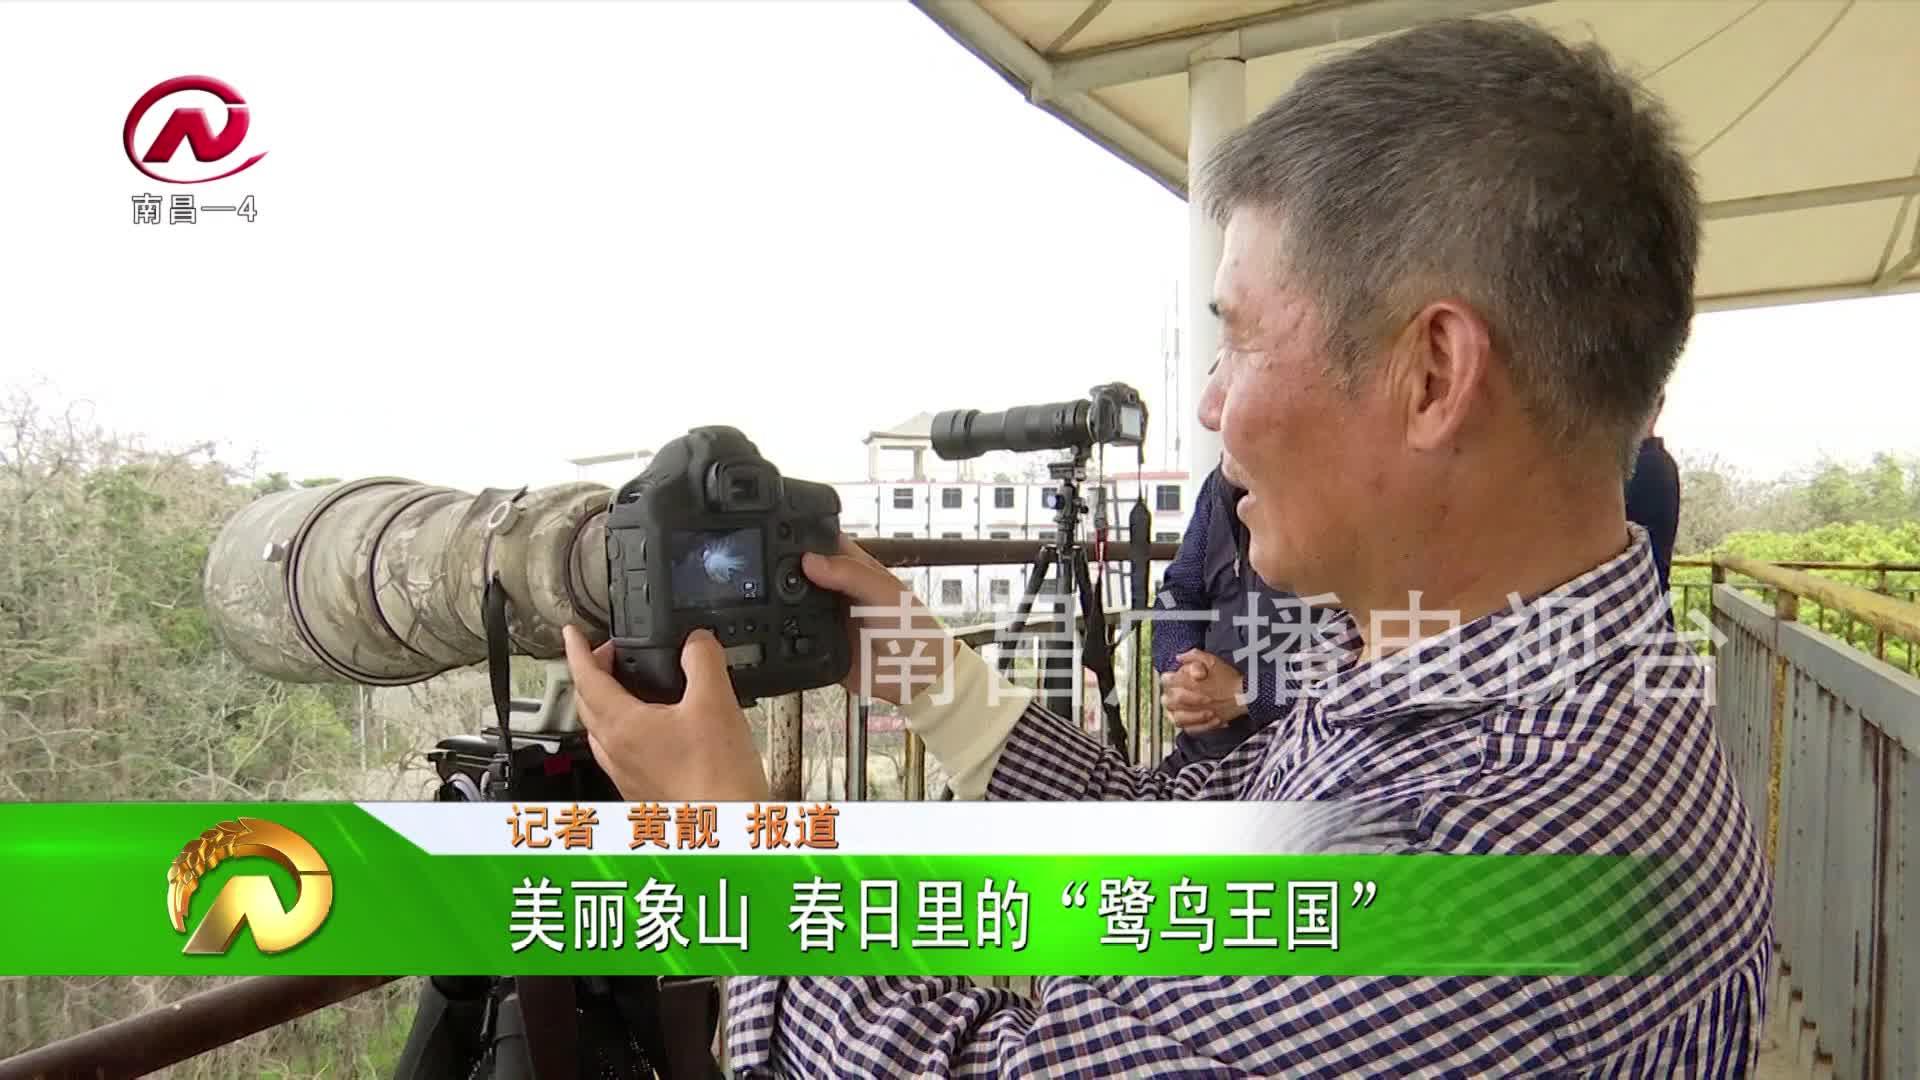 """【豫章農視】美麗象山 春日里的""""鷺鳥王國"""""""